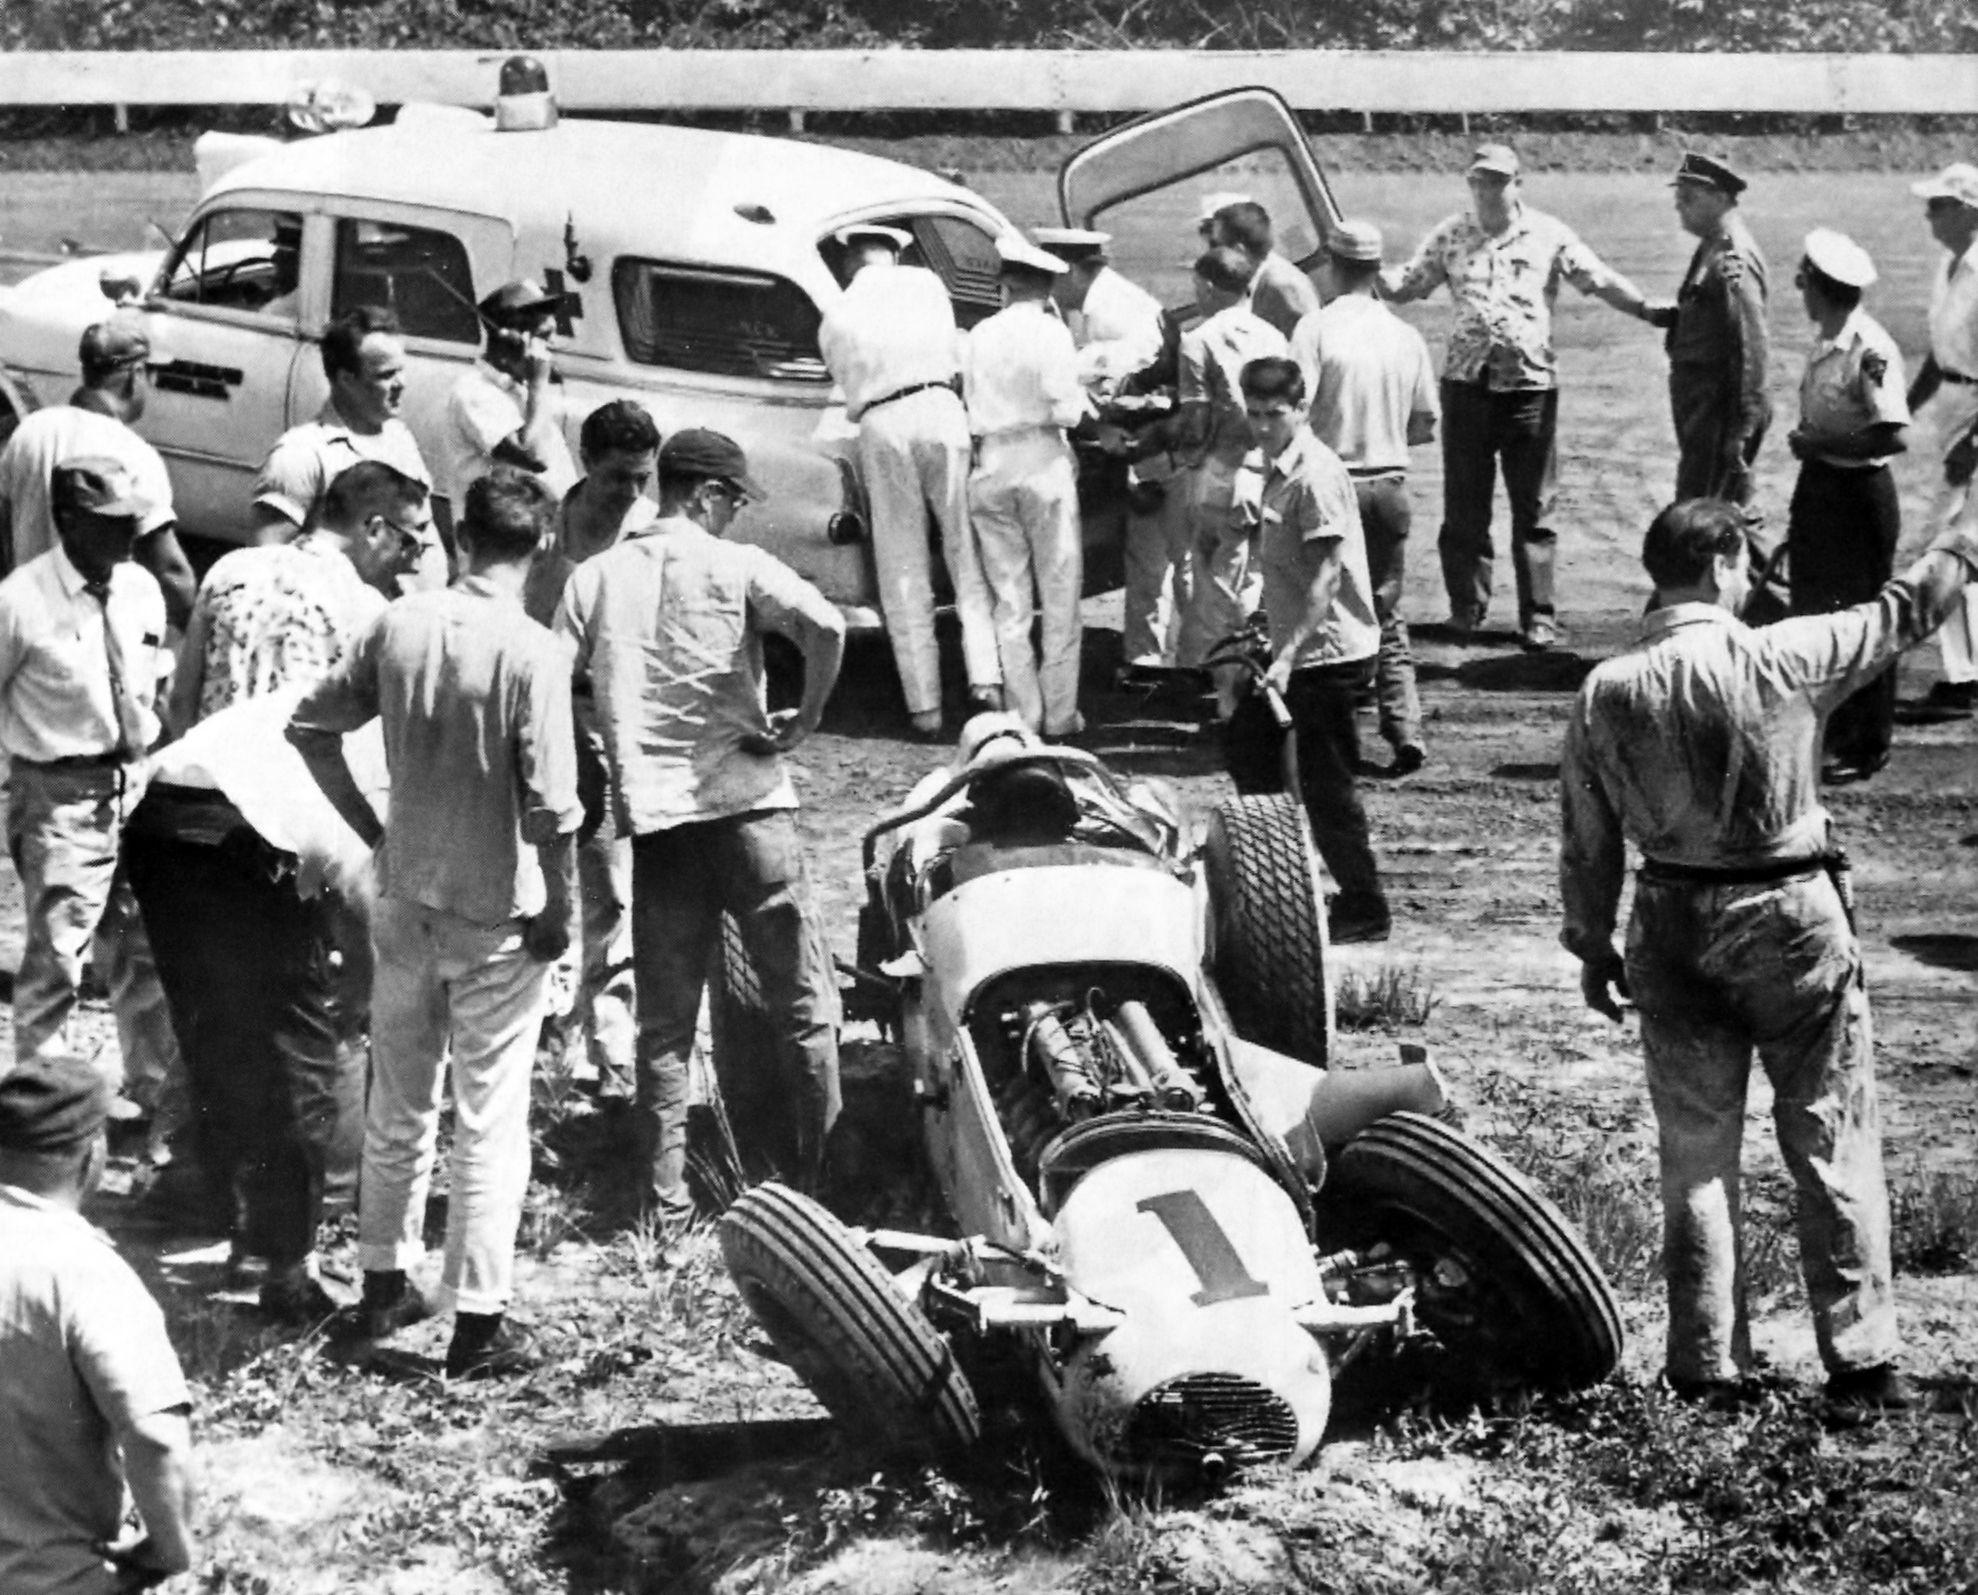 Jimmy Bryant's fatal crash at Langhorne. Old race cars